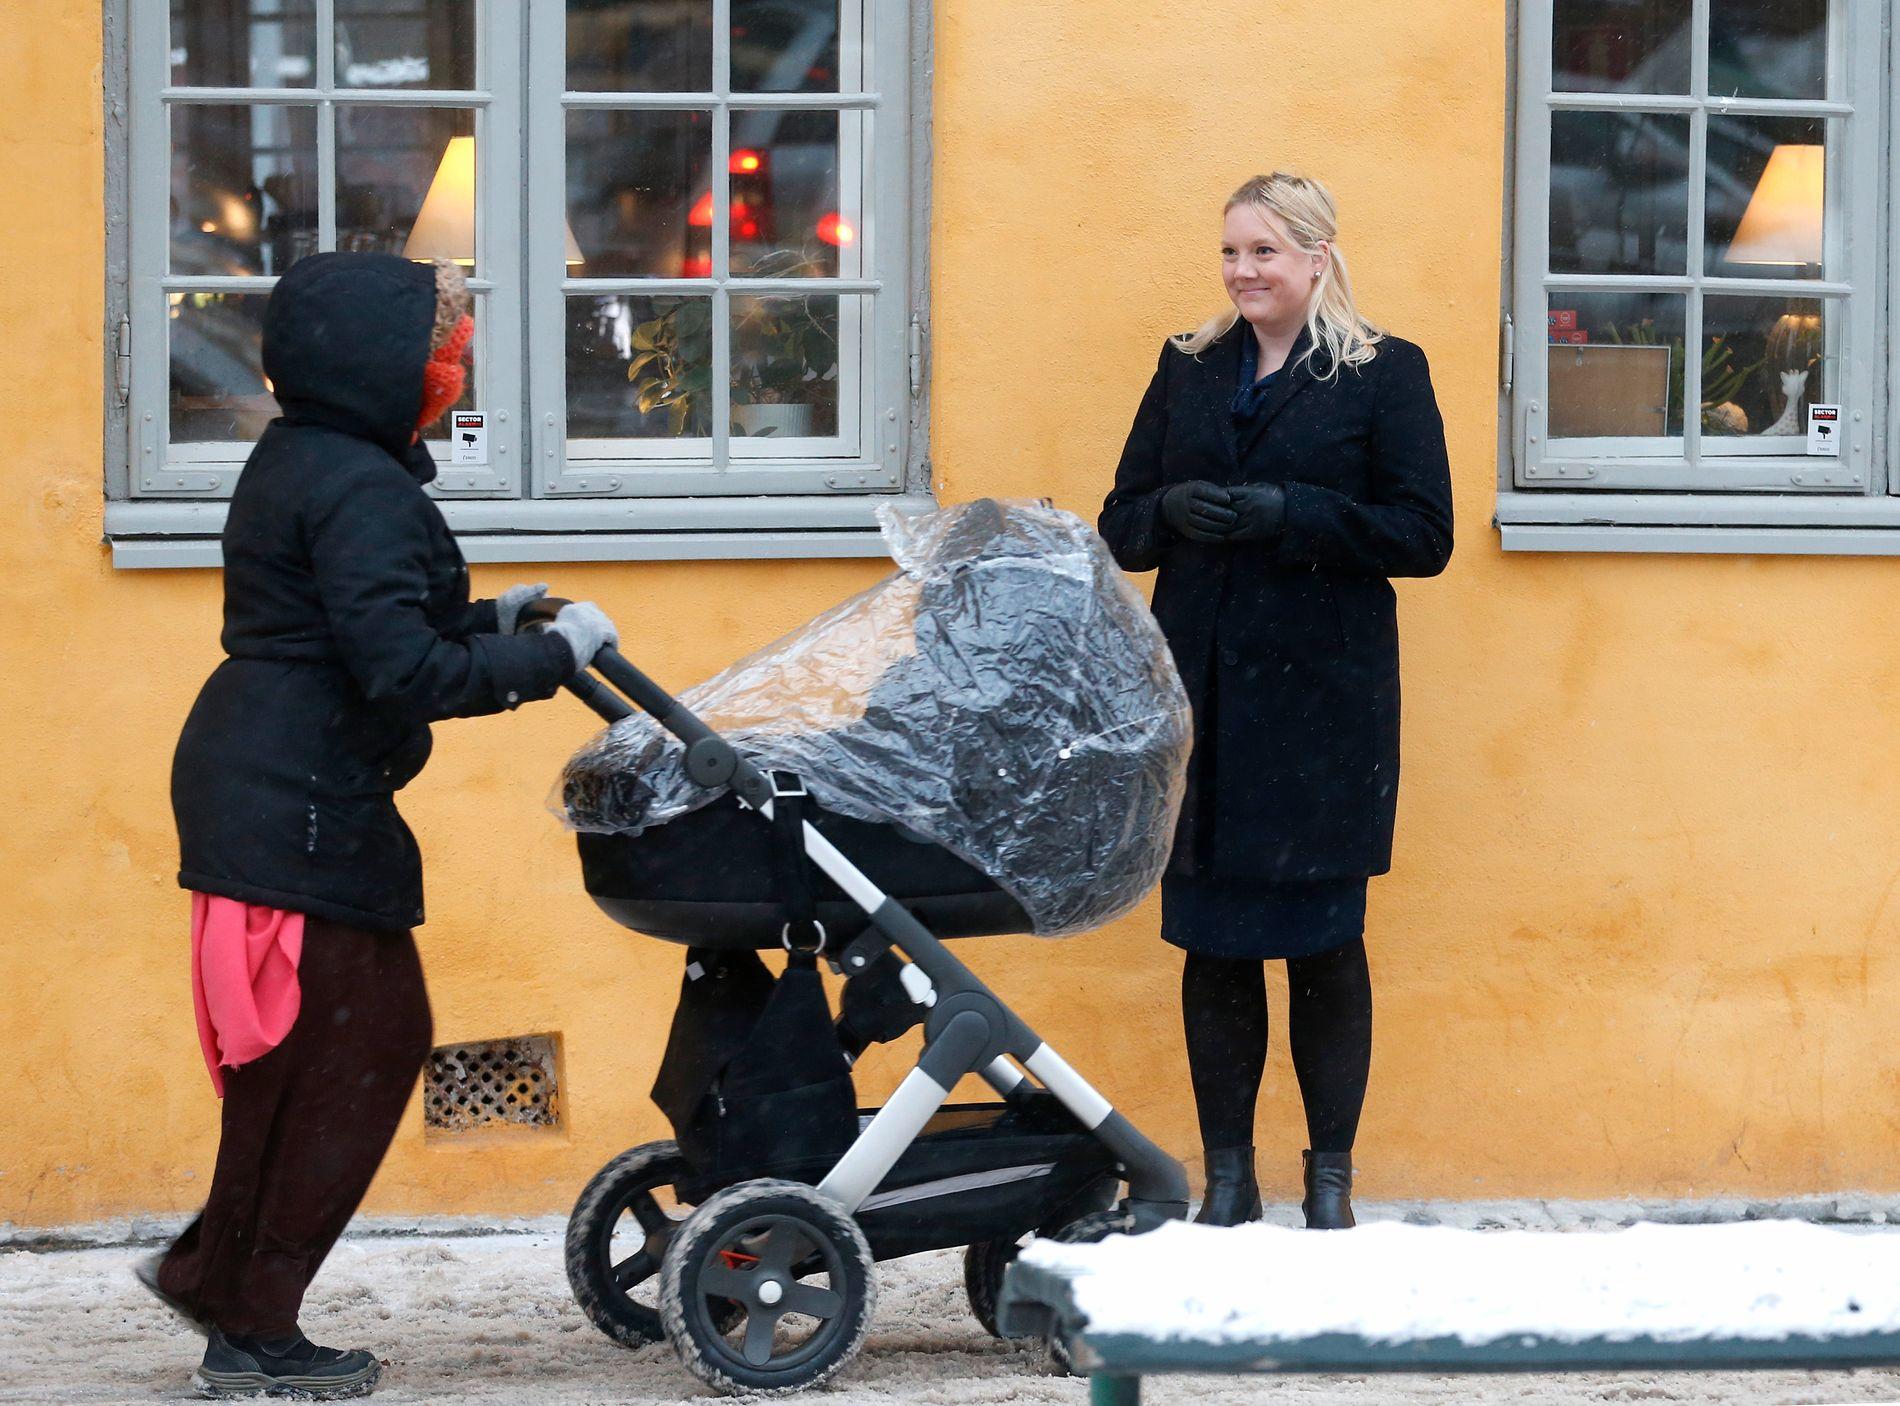 PÅ GRØNLAND: Aina Stenersen (til høyre) konstaterer at en del mødre holder barna hjemme og mottar kontantstøtte for barn som er i typisk barnehagealder. Her er hun avbildet på Grønland i Oslo sentrum med en tilfeldig forbipasserende i forgrunnen.